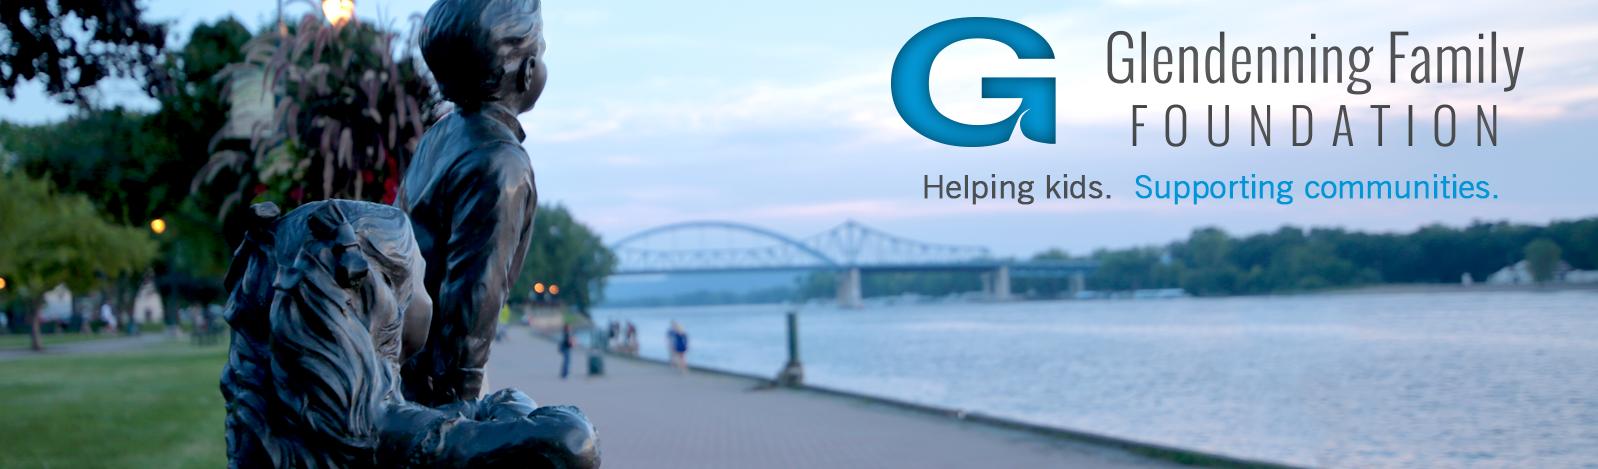 Glendenning Family Foundation